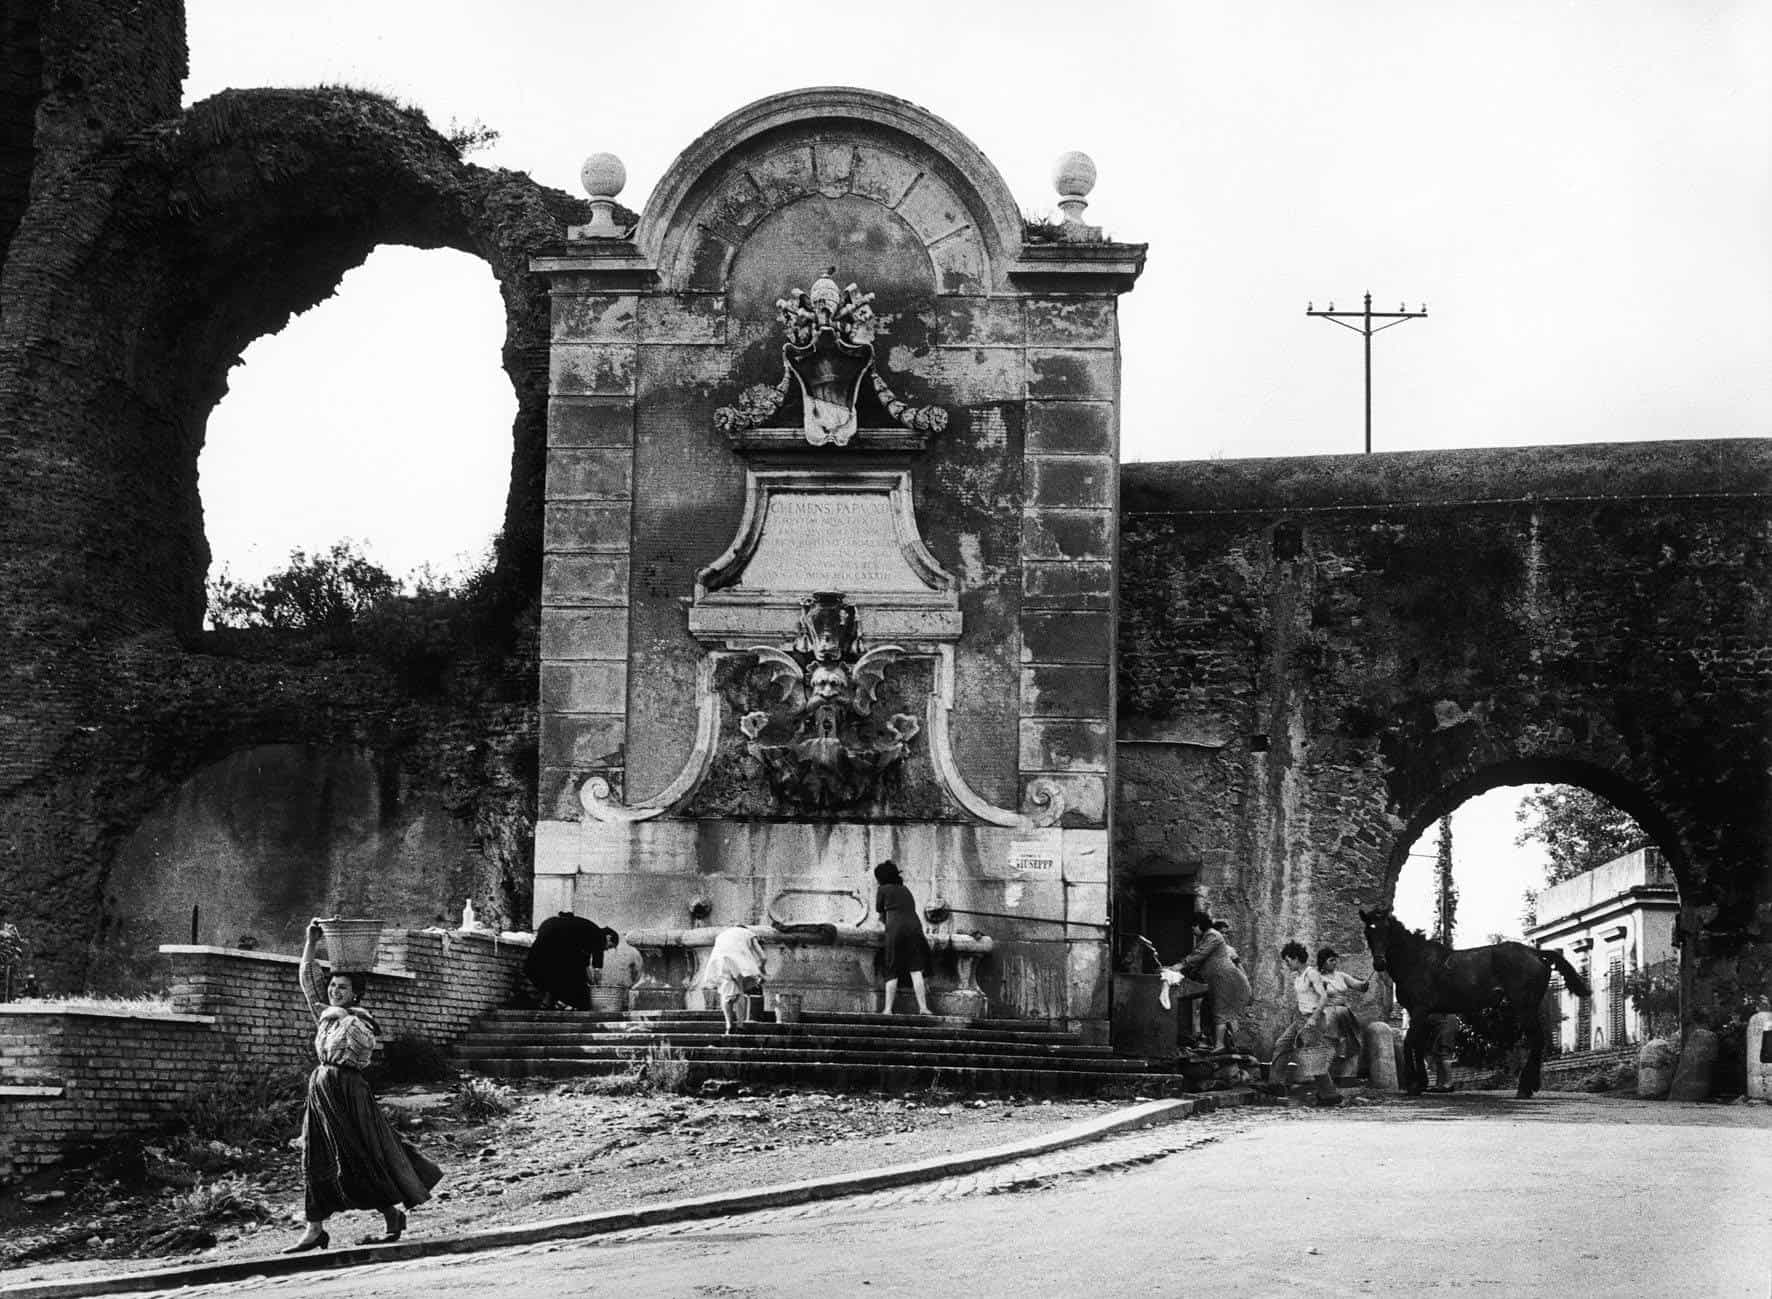 Voix Corp-Helga Finter-W. Klein, L' acquedotto in Via del Mandrione e in Via di Porta Furba, 1957